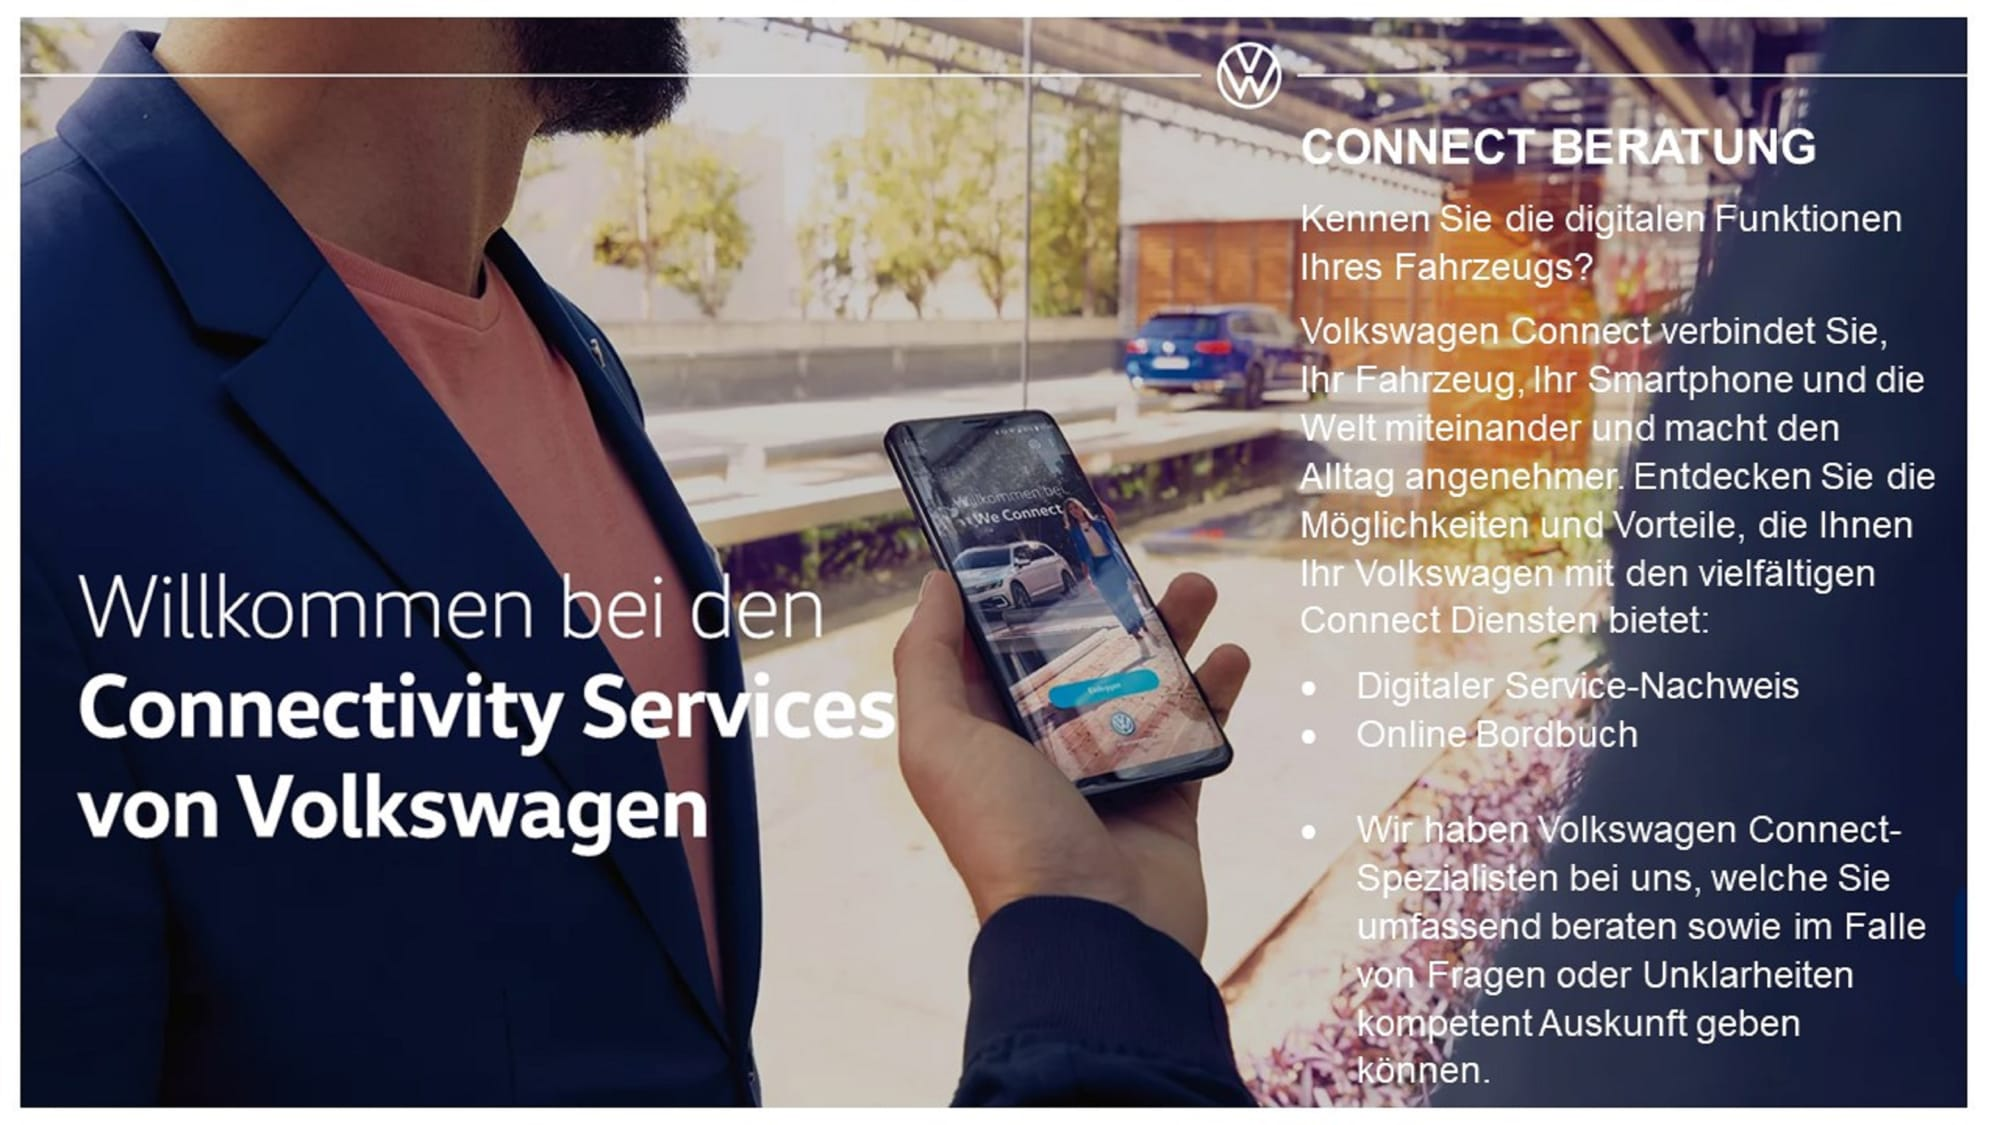 Connectberatung für Homepage